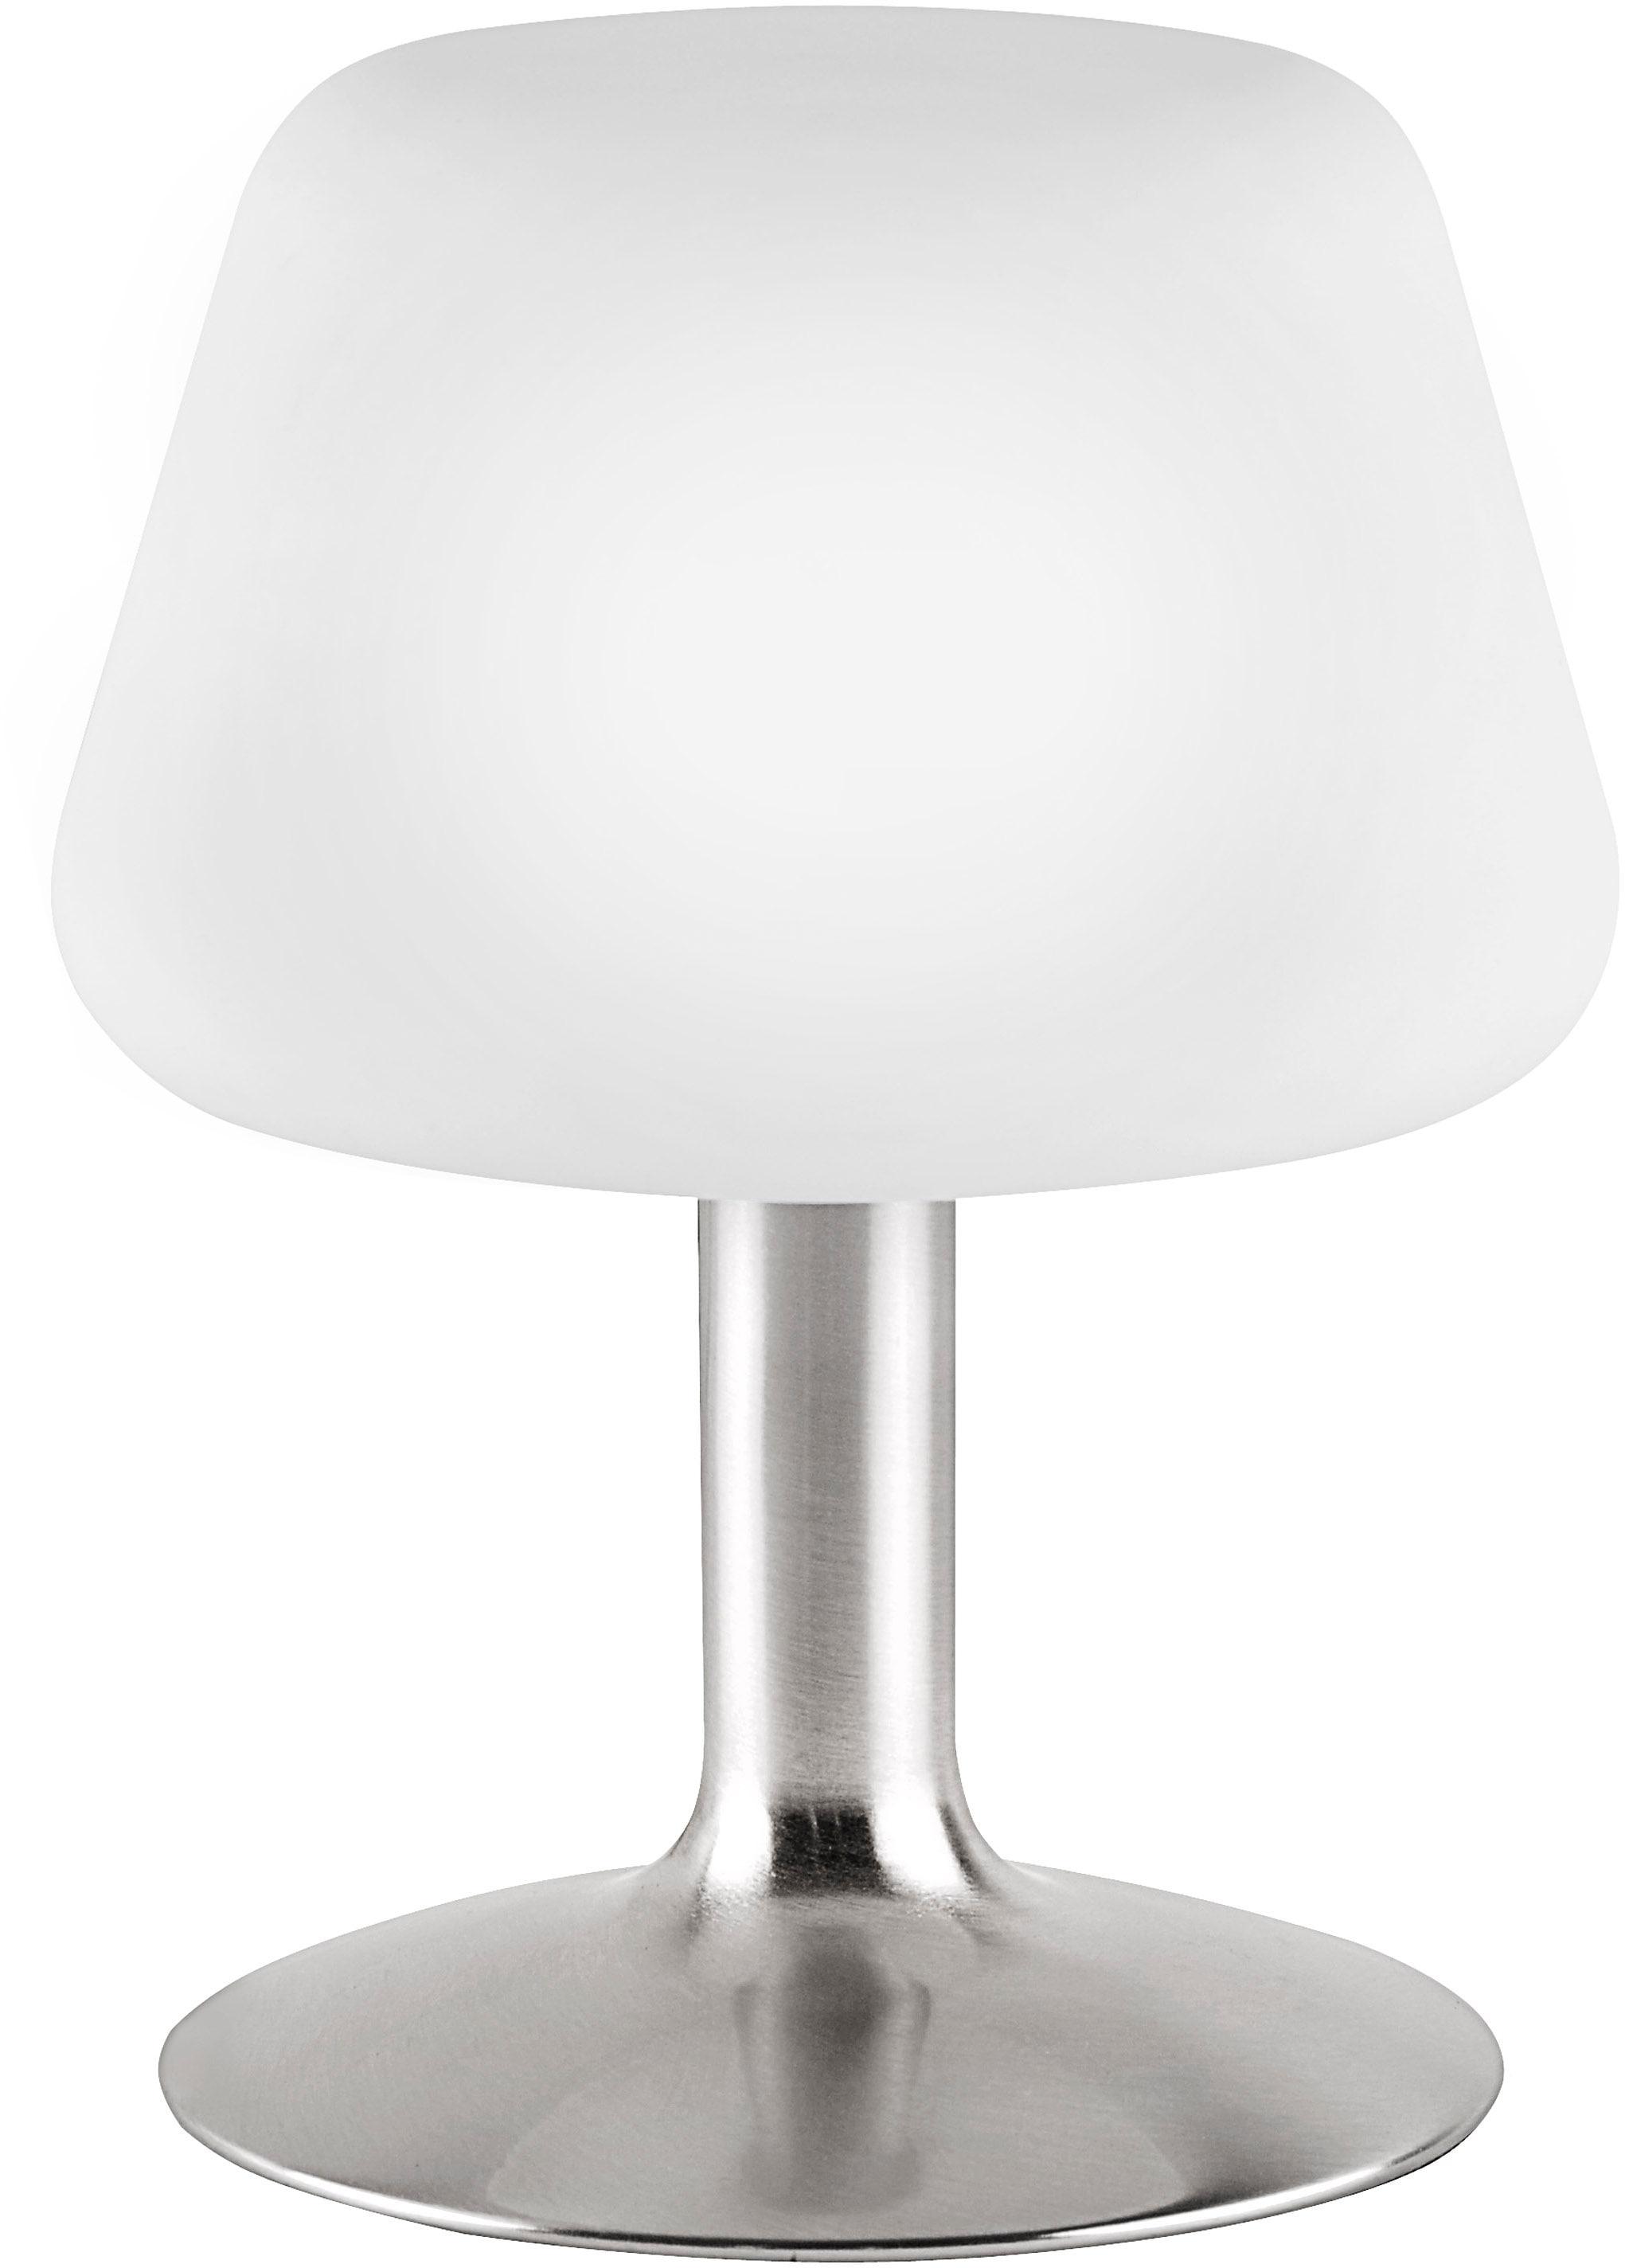 Paul Neuhaus LED Tischleuchte Till, G9, 1 St., Warmweiß, 3-Stufen Touchdimmer